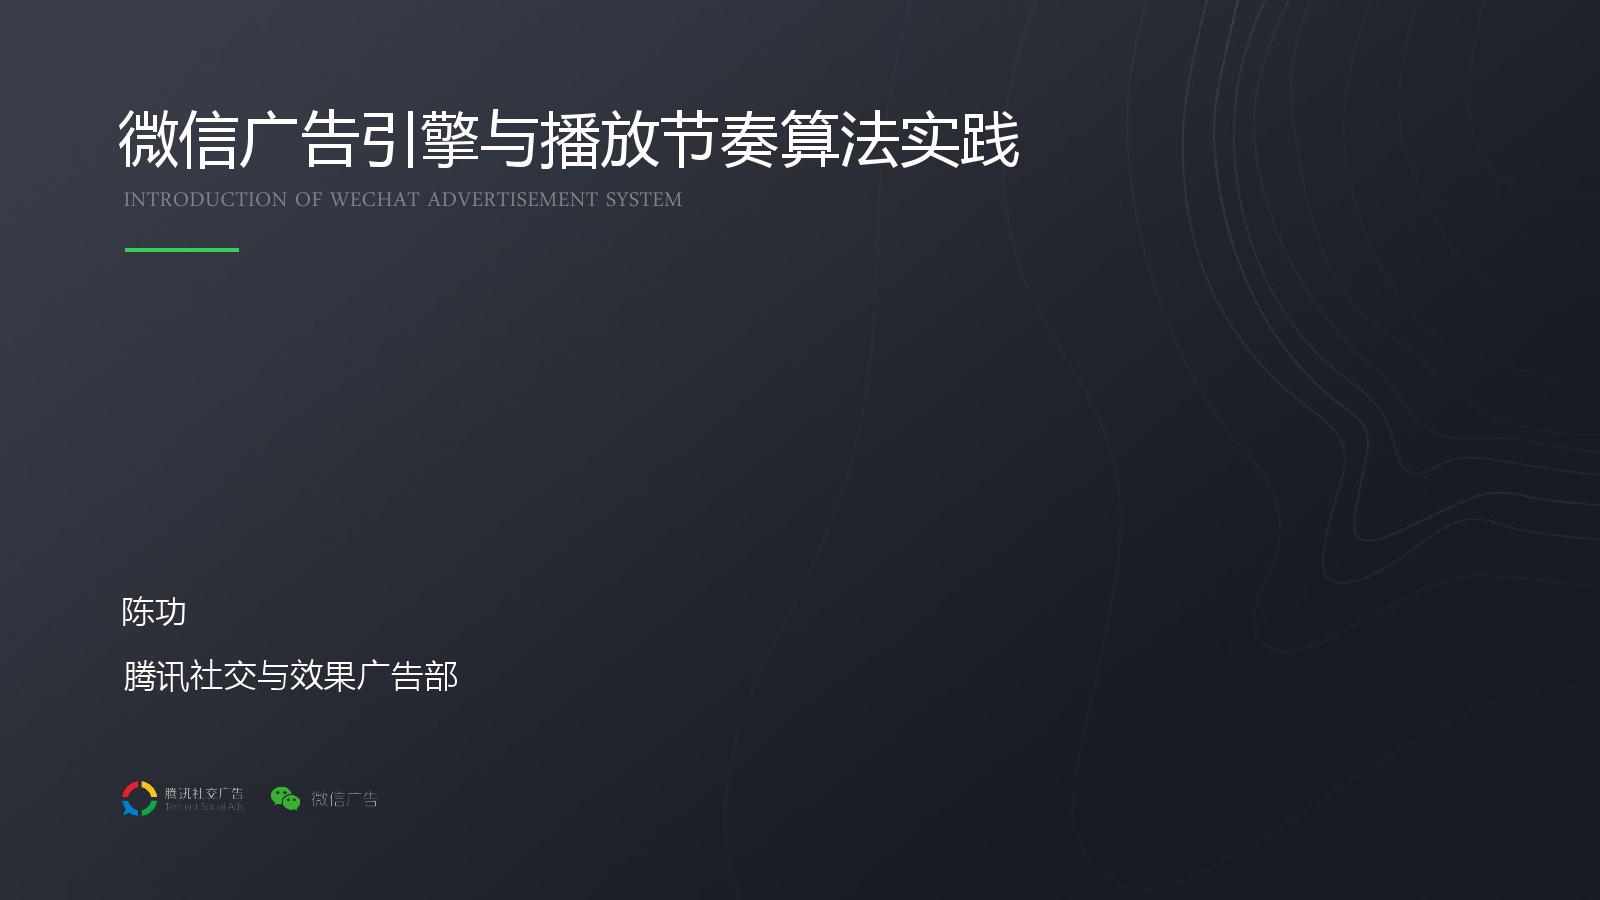 陈功-微信广告引擎与播放节奏算法实践